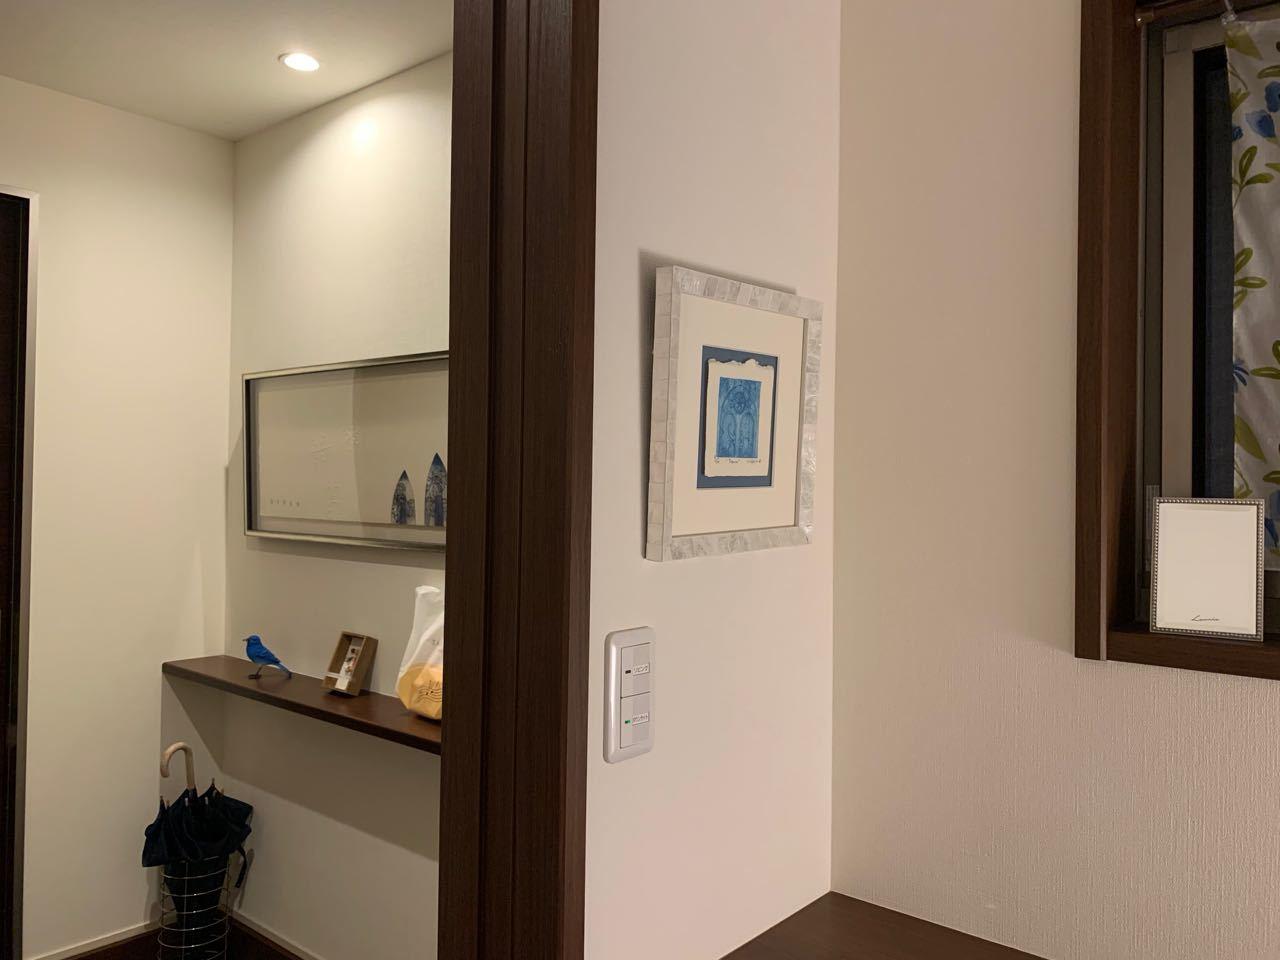 「松本幸治」の写真のある部屋_a0077203_18181696.jpg